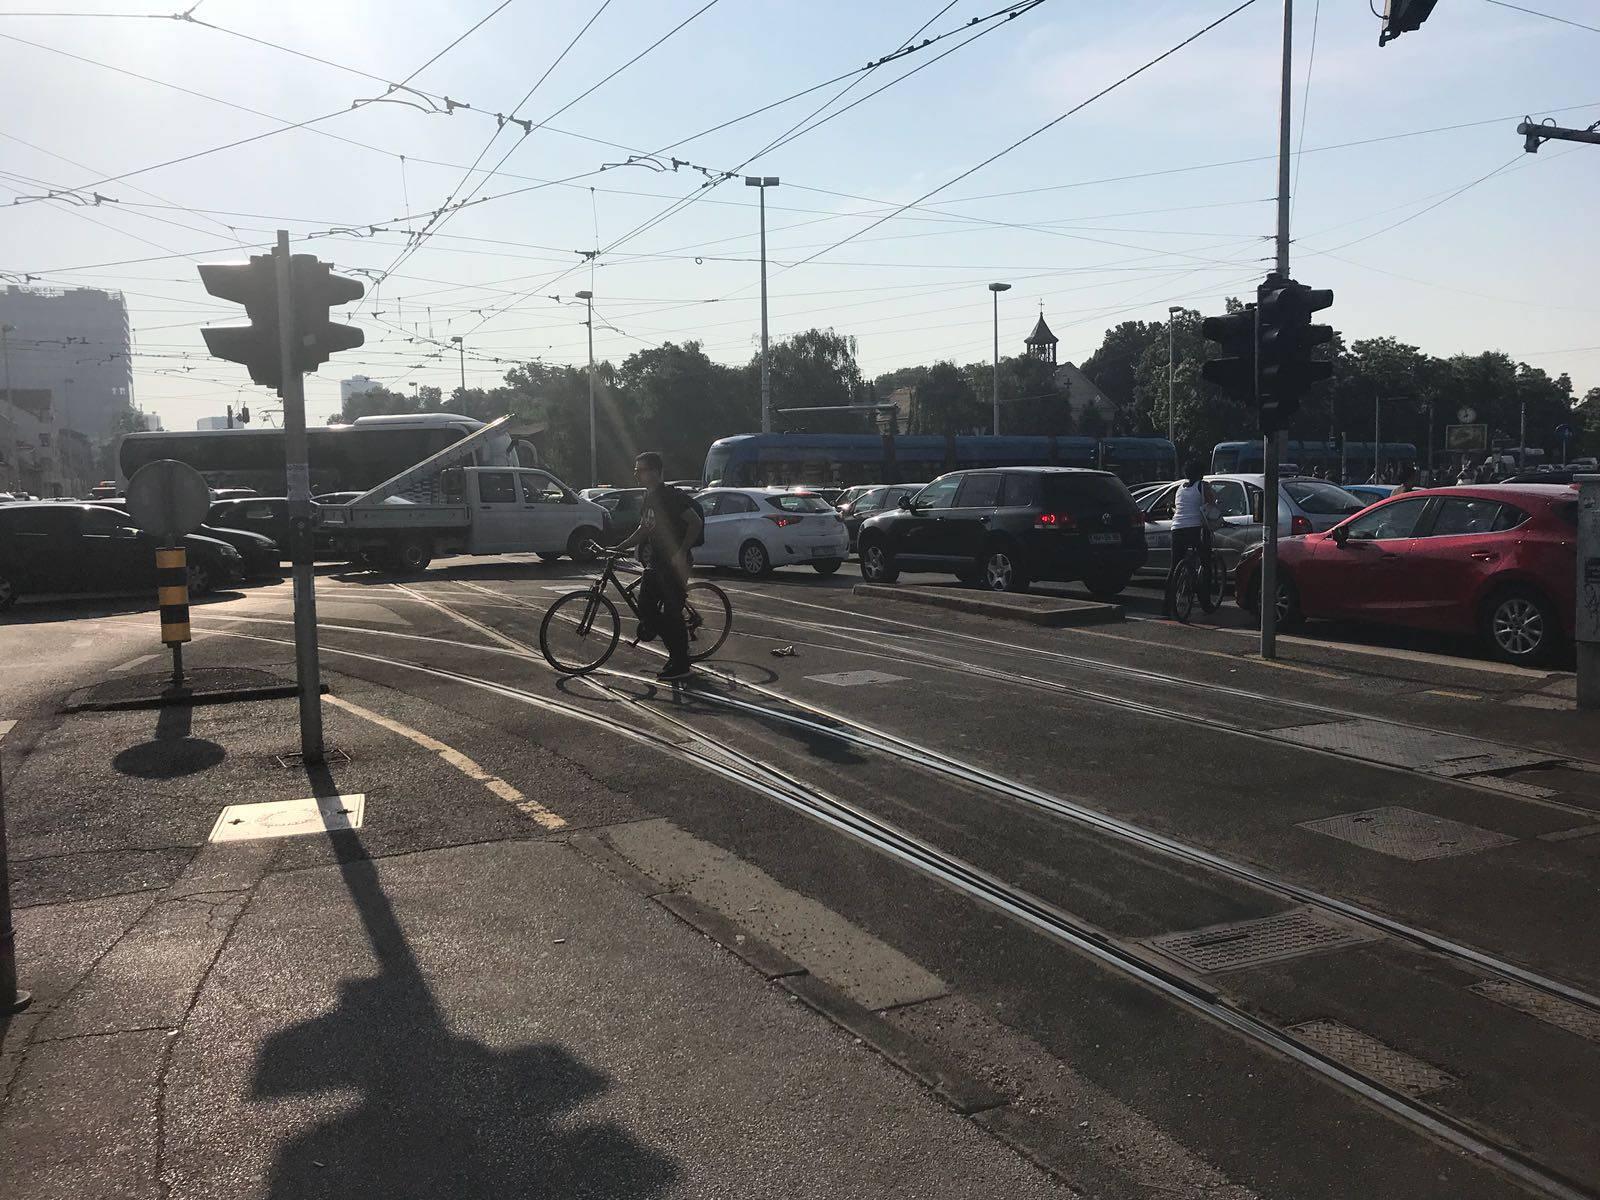 Opet su 'zarobljeni' u prometu: 'Nismo se pomaknuli pola sata'